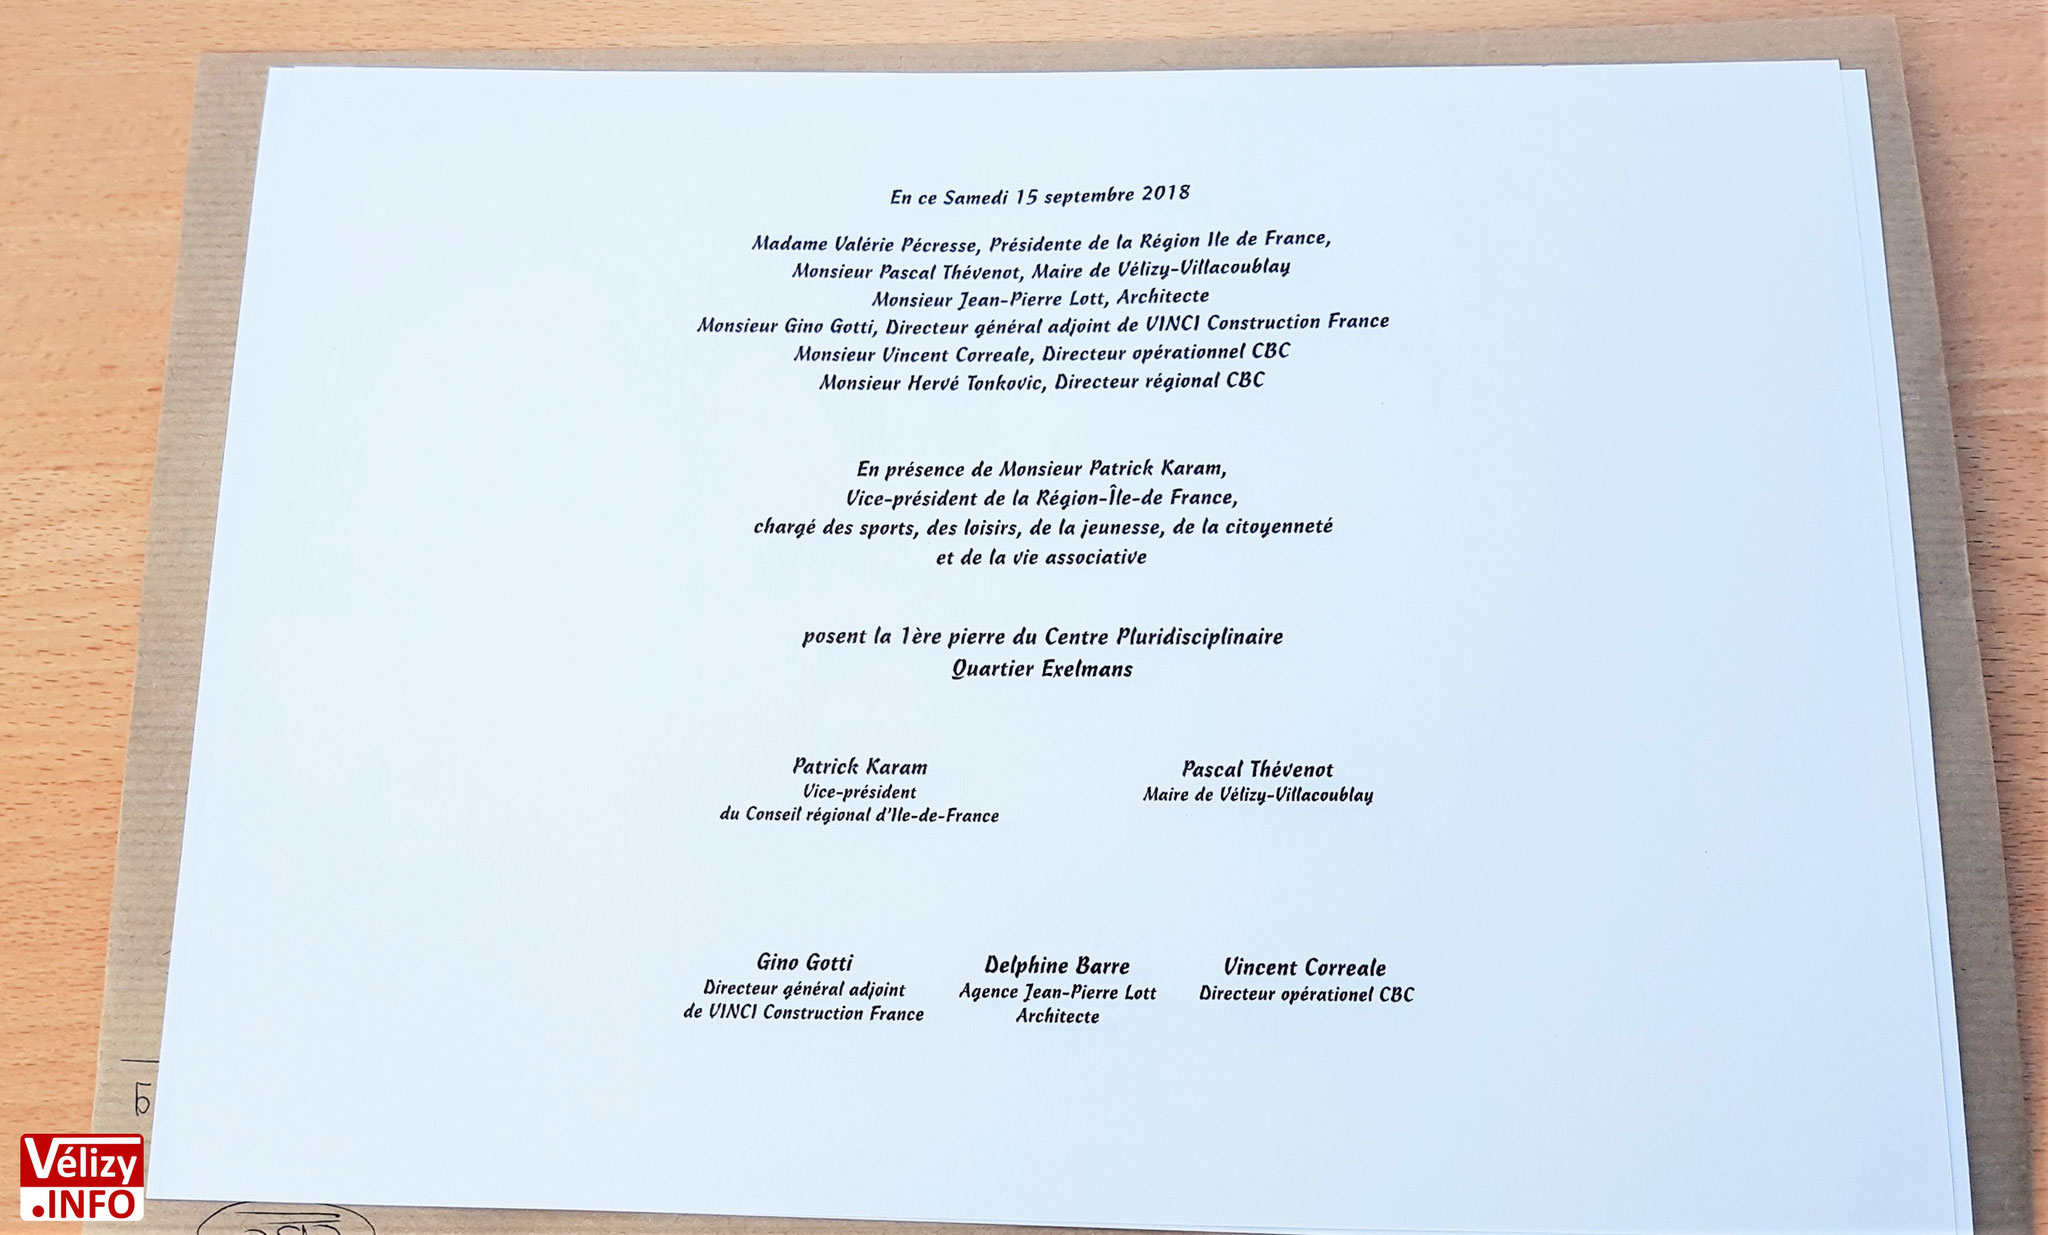 Pose de la première pierre du centre pluridisciplinaire de Vélizy-Villacoublay - Samedi 15 septembre 2018